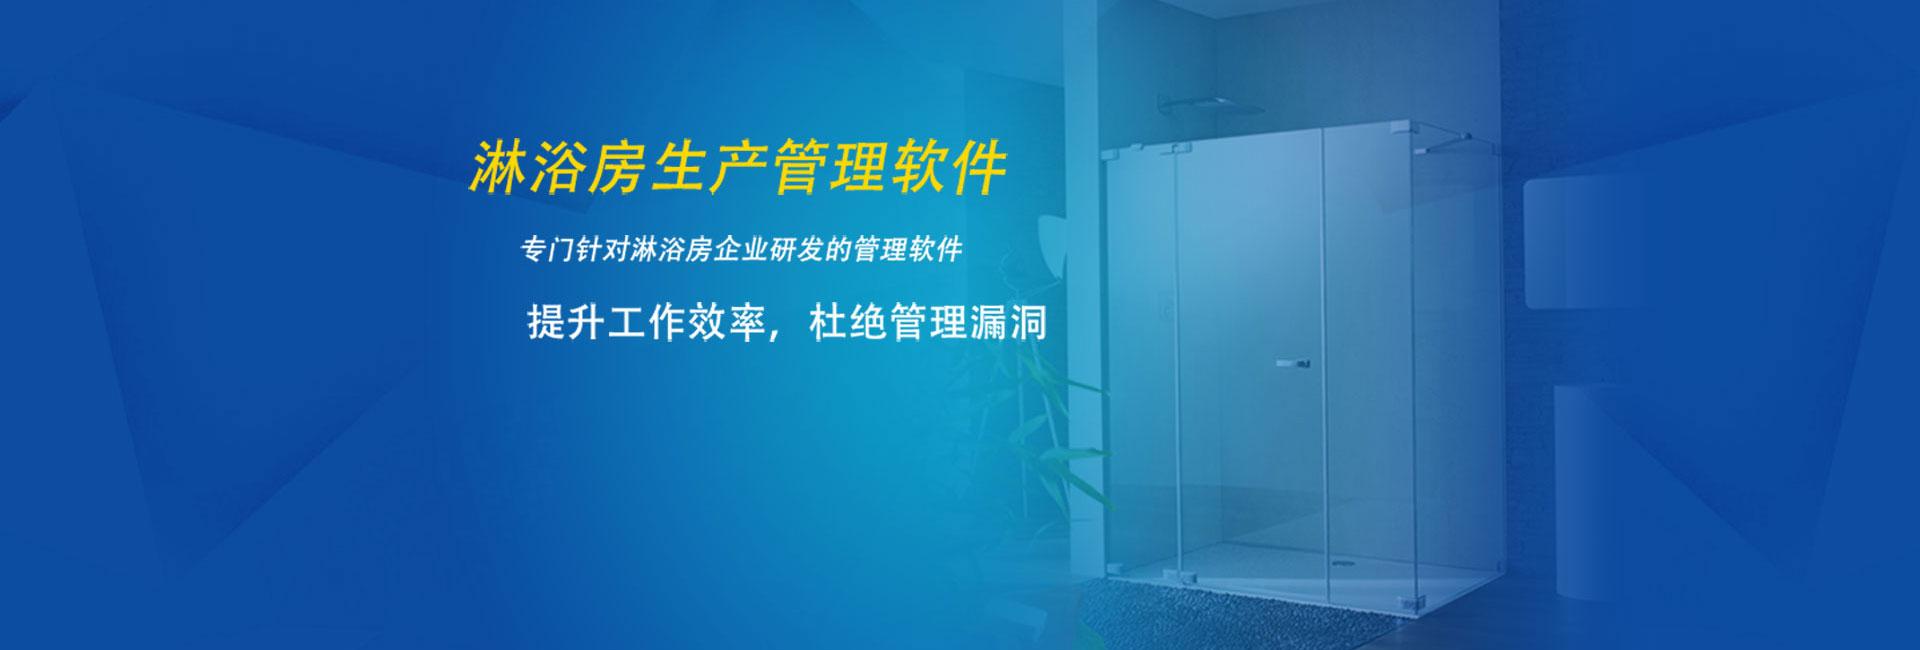 淋浴房生產管理軟件